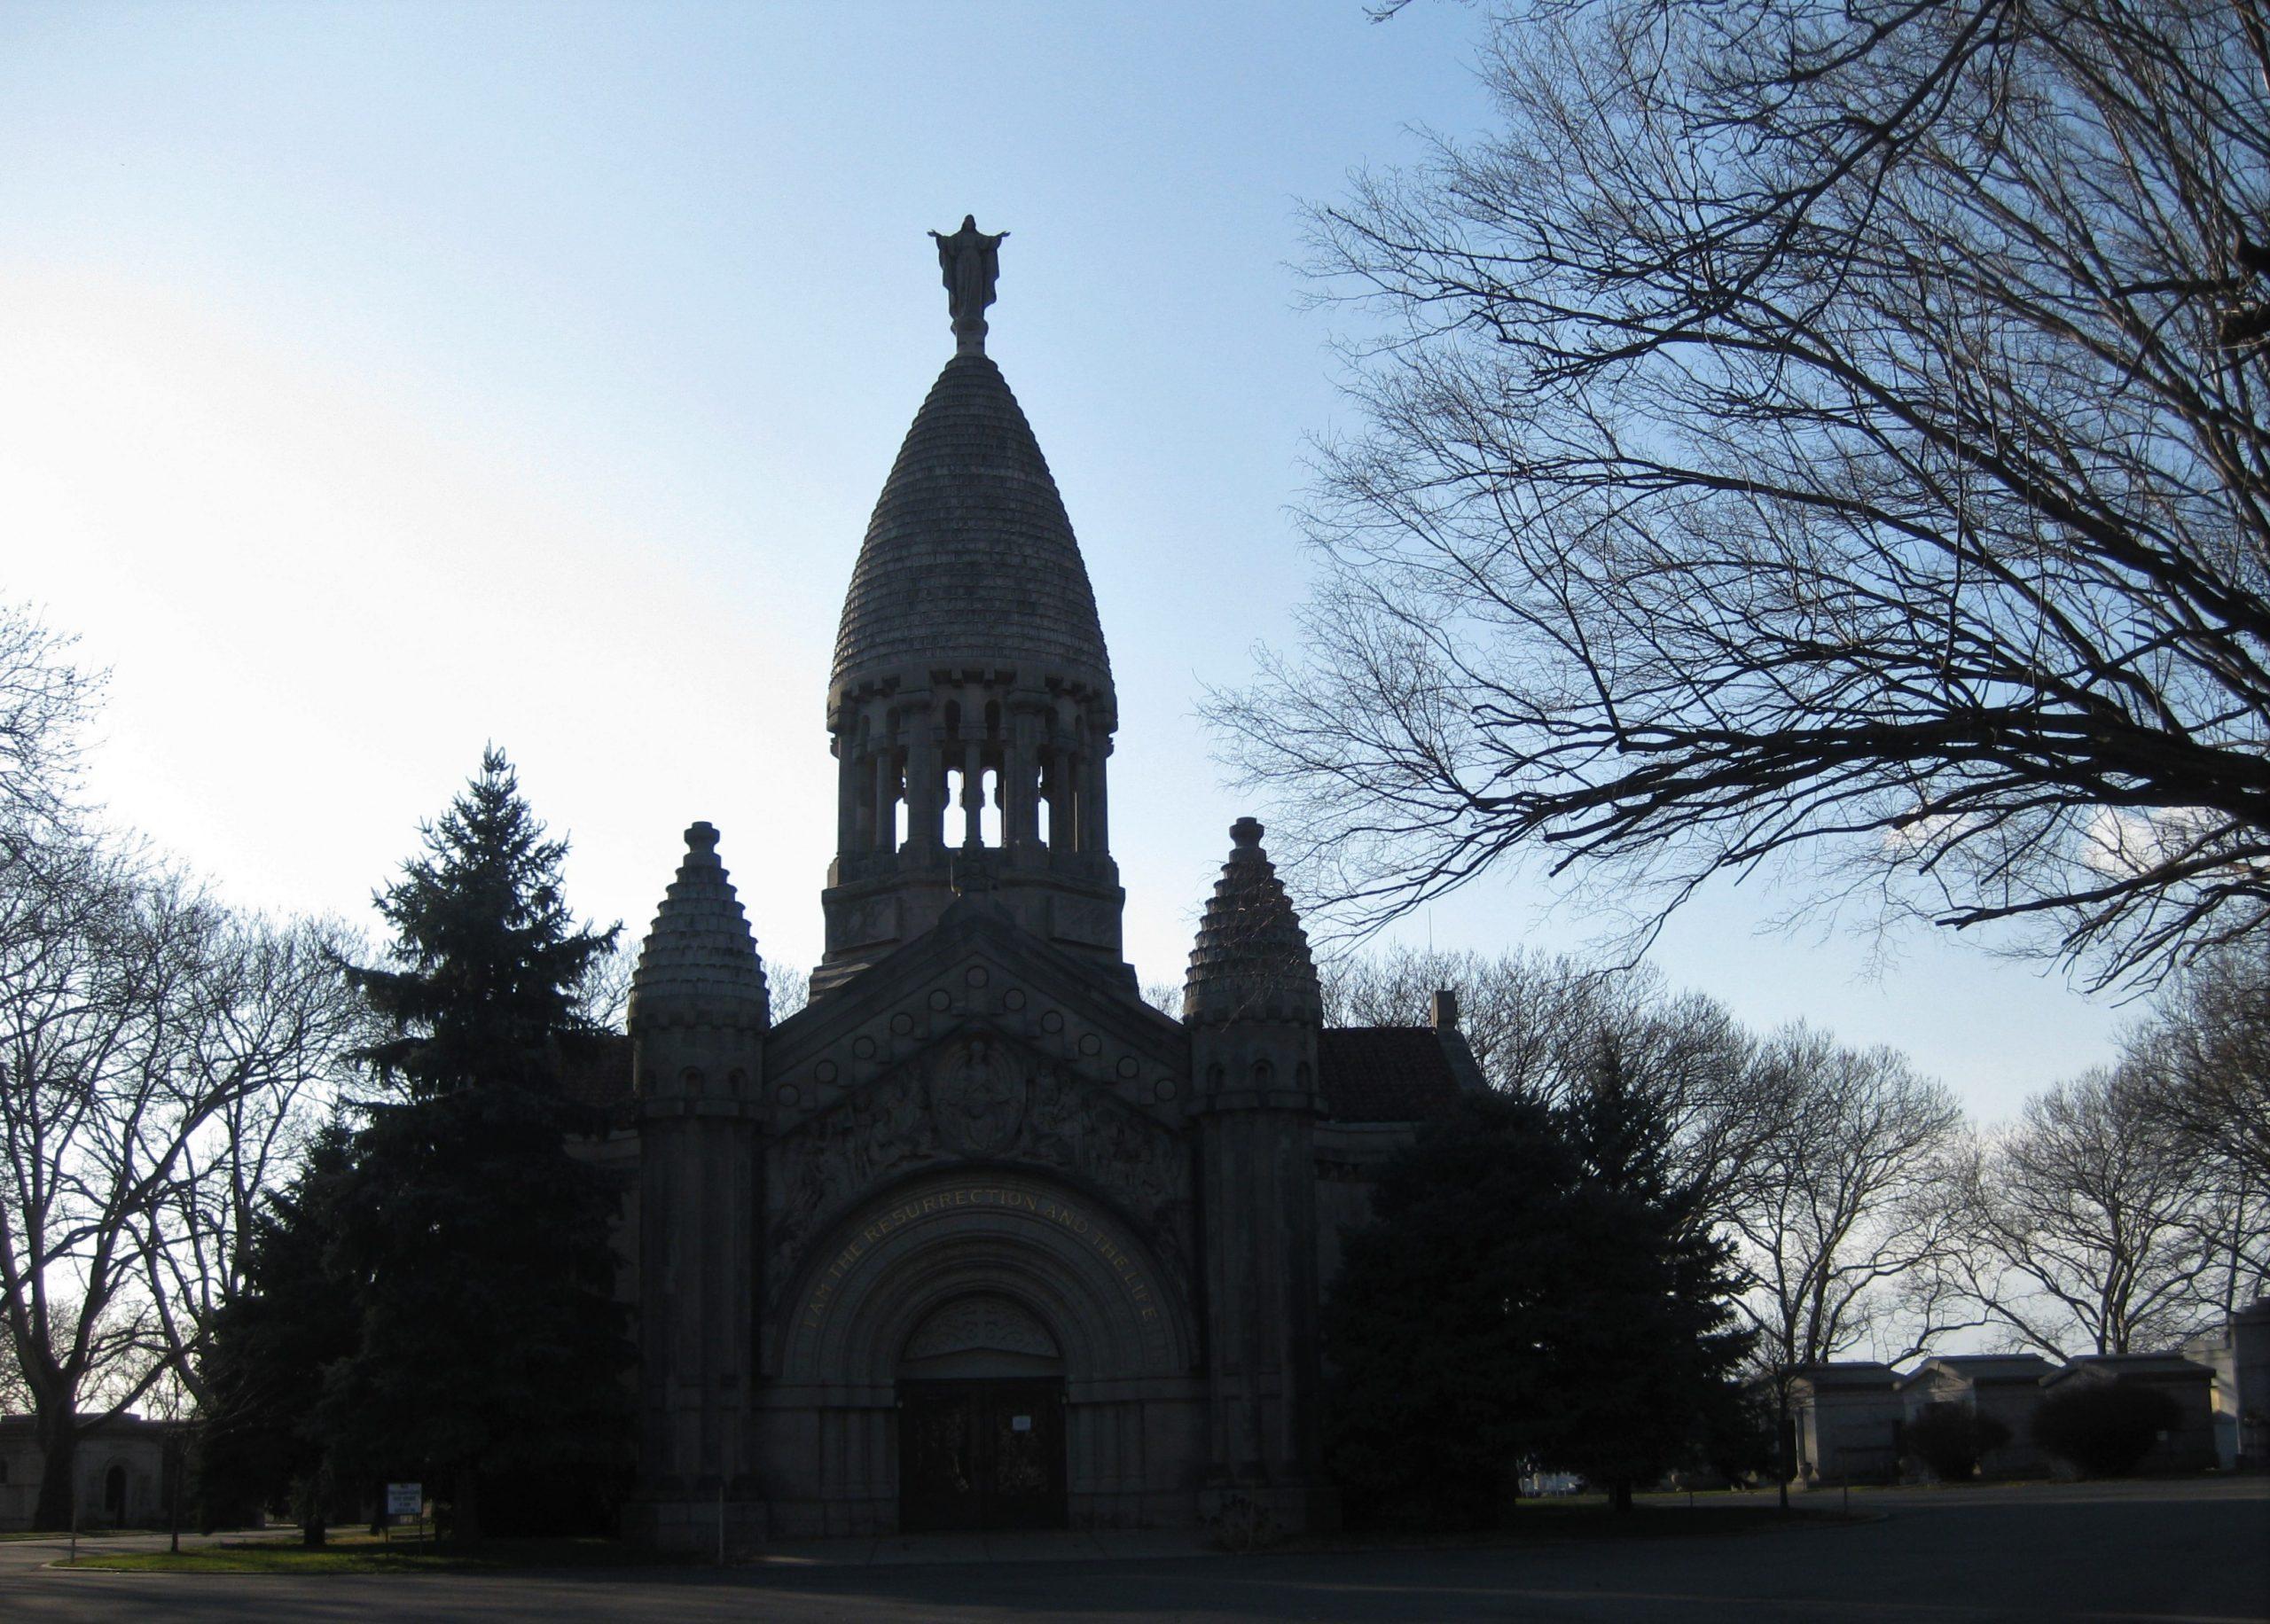 Peregrine: The Ceremony of Powers, Calvary Cemetery